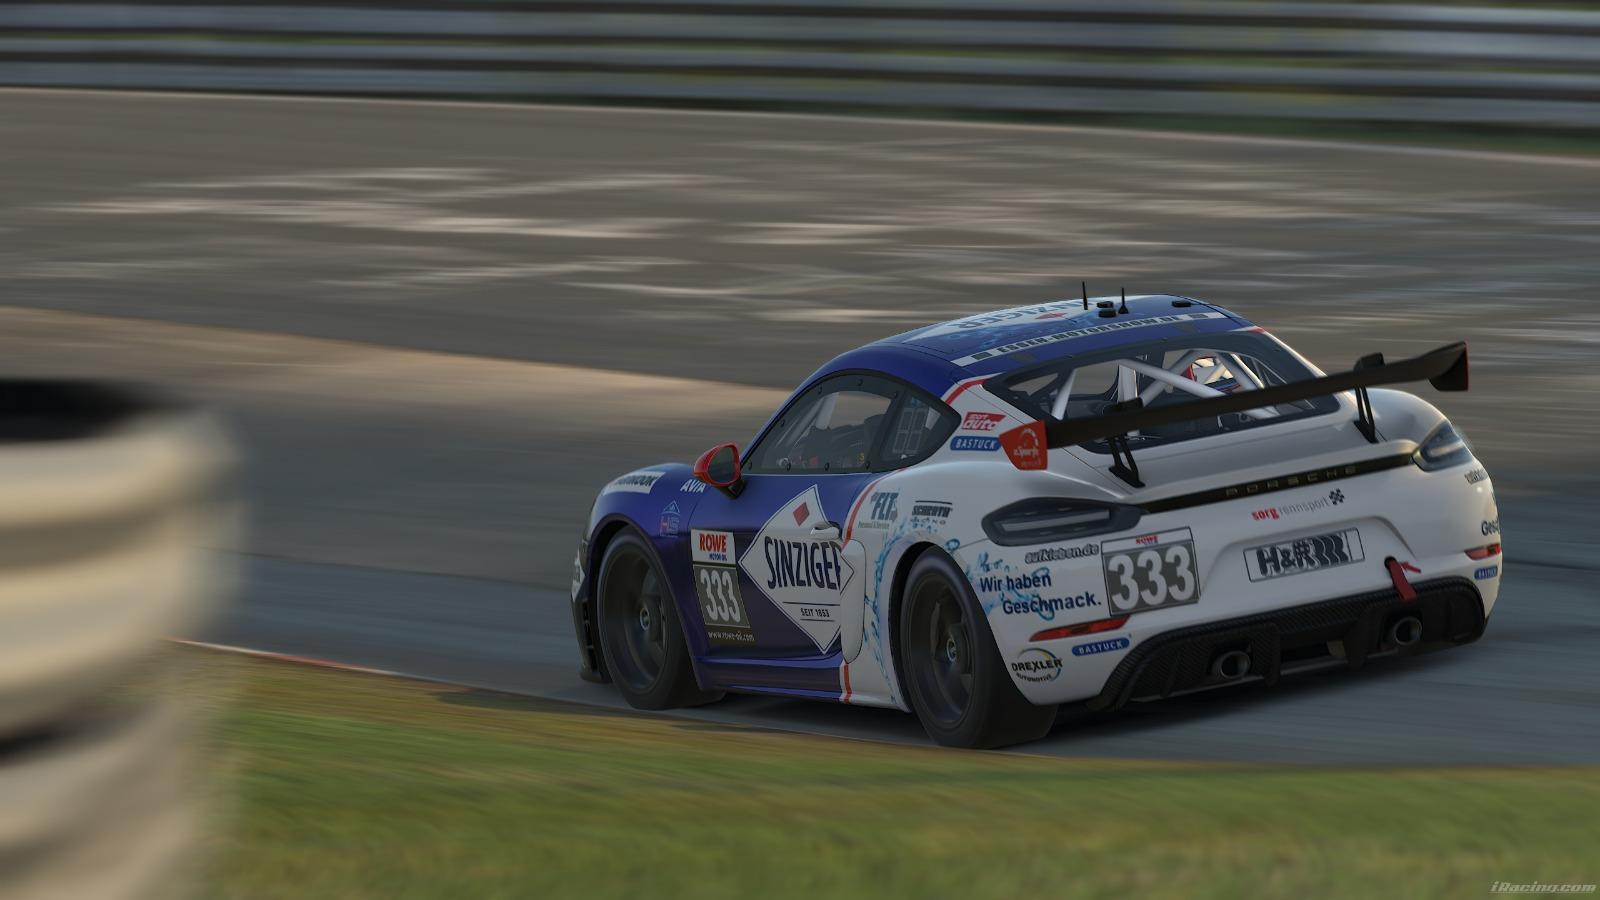 Sport Auto Unterstutzt Die Digitale Nurburgring Langstrecken Serie Als Medienpartner Presseportal